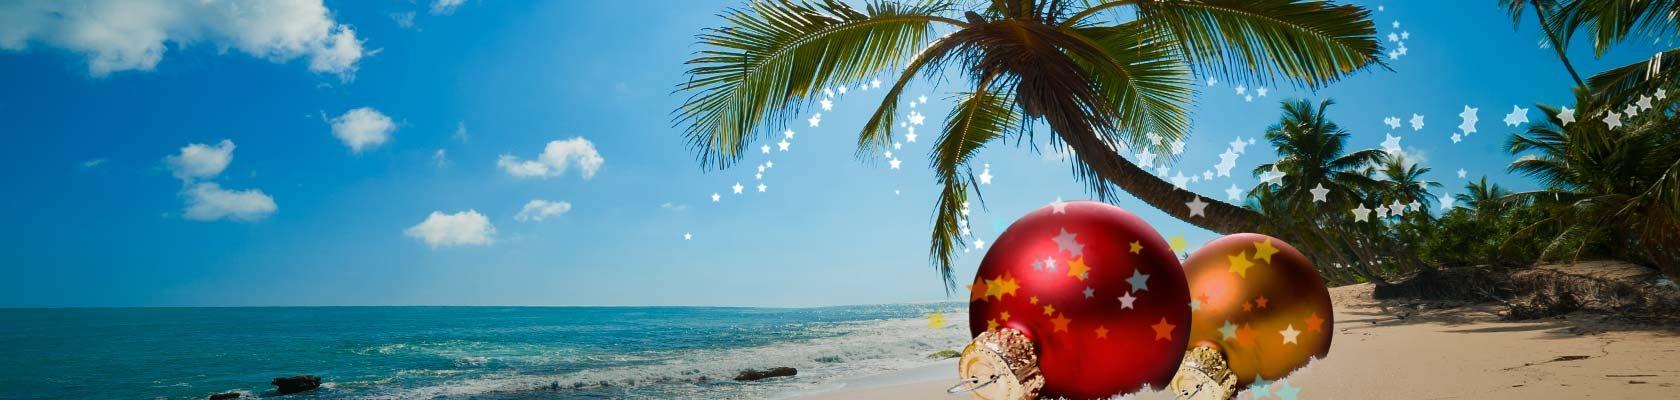 Onze reizen tijdens de kerstvakantie